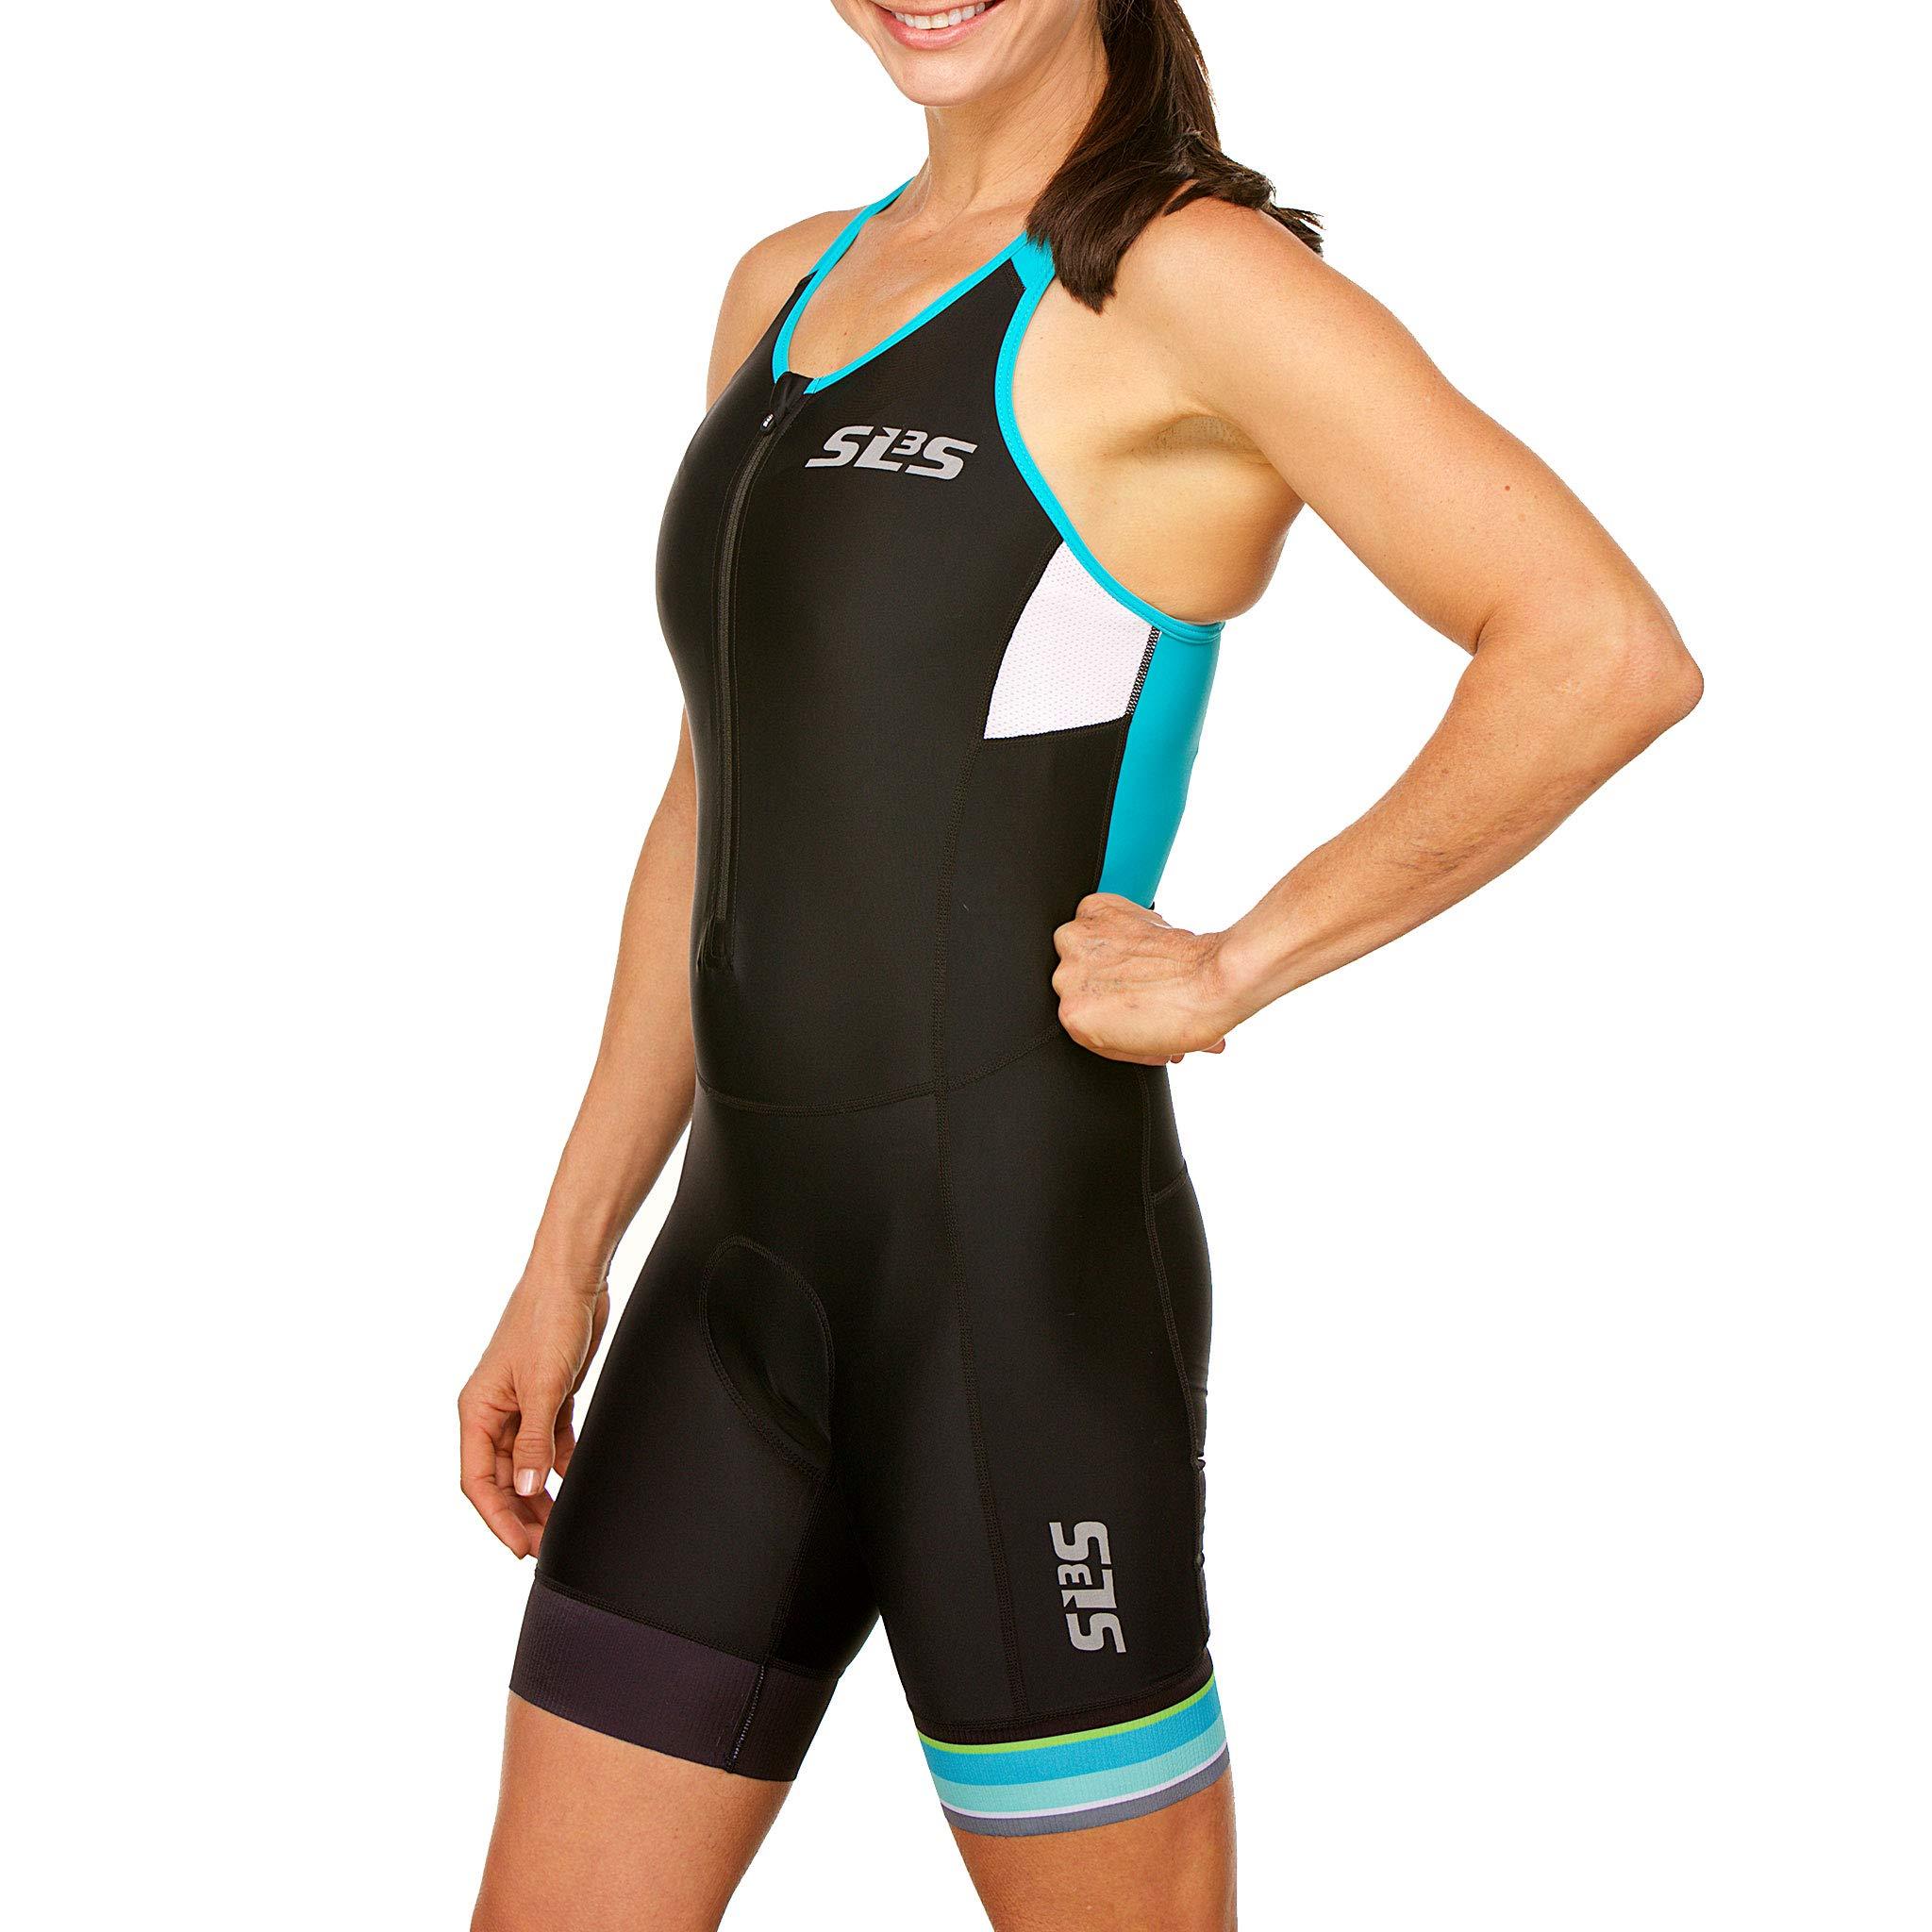 SLS3 Women`s Triathlon Tri Race Suit FRT | Womens Trisuit | Back Pocket Triathlon Suits | Anti-Friction Seams | German Designed (Black/Martinica Blue, XS) by SLS3 (Image #4)